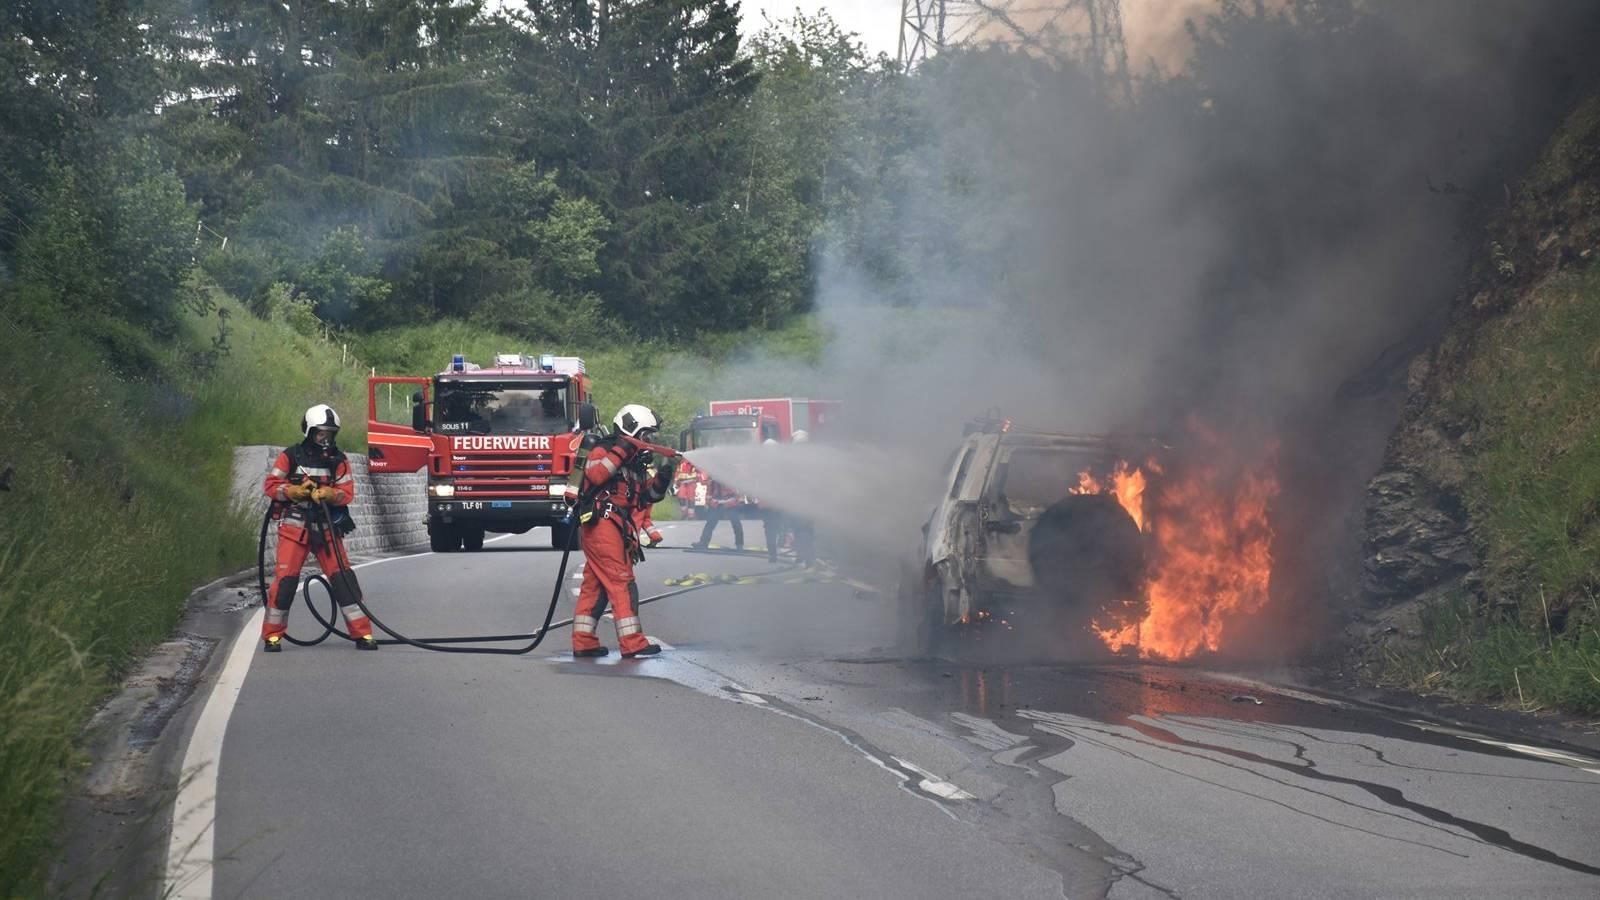 Auf der Lenzerheidstrasse ist am Freitagabend ein Auto in Flammen aufgegangen.